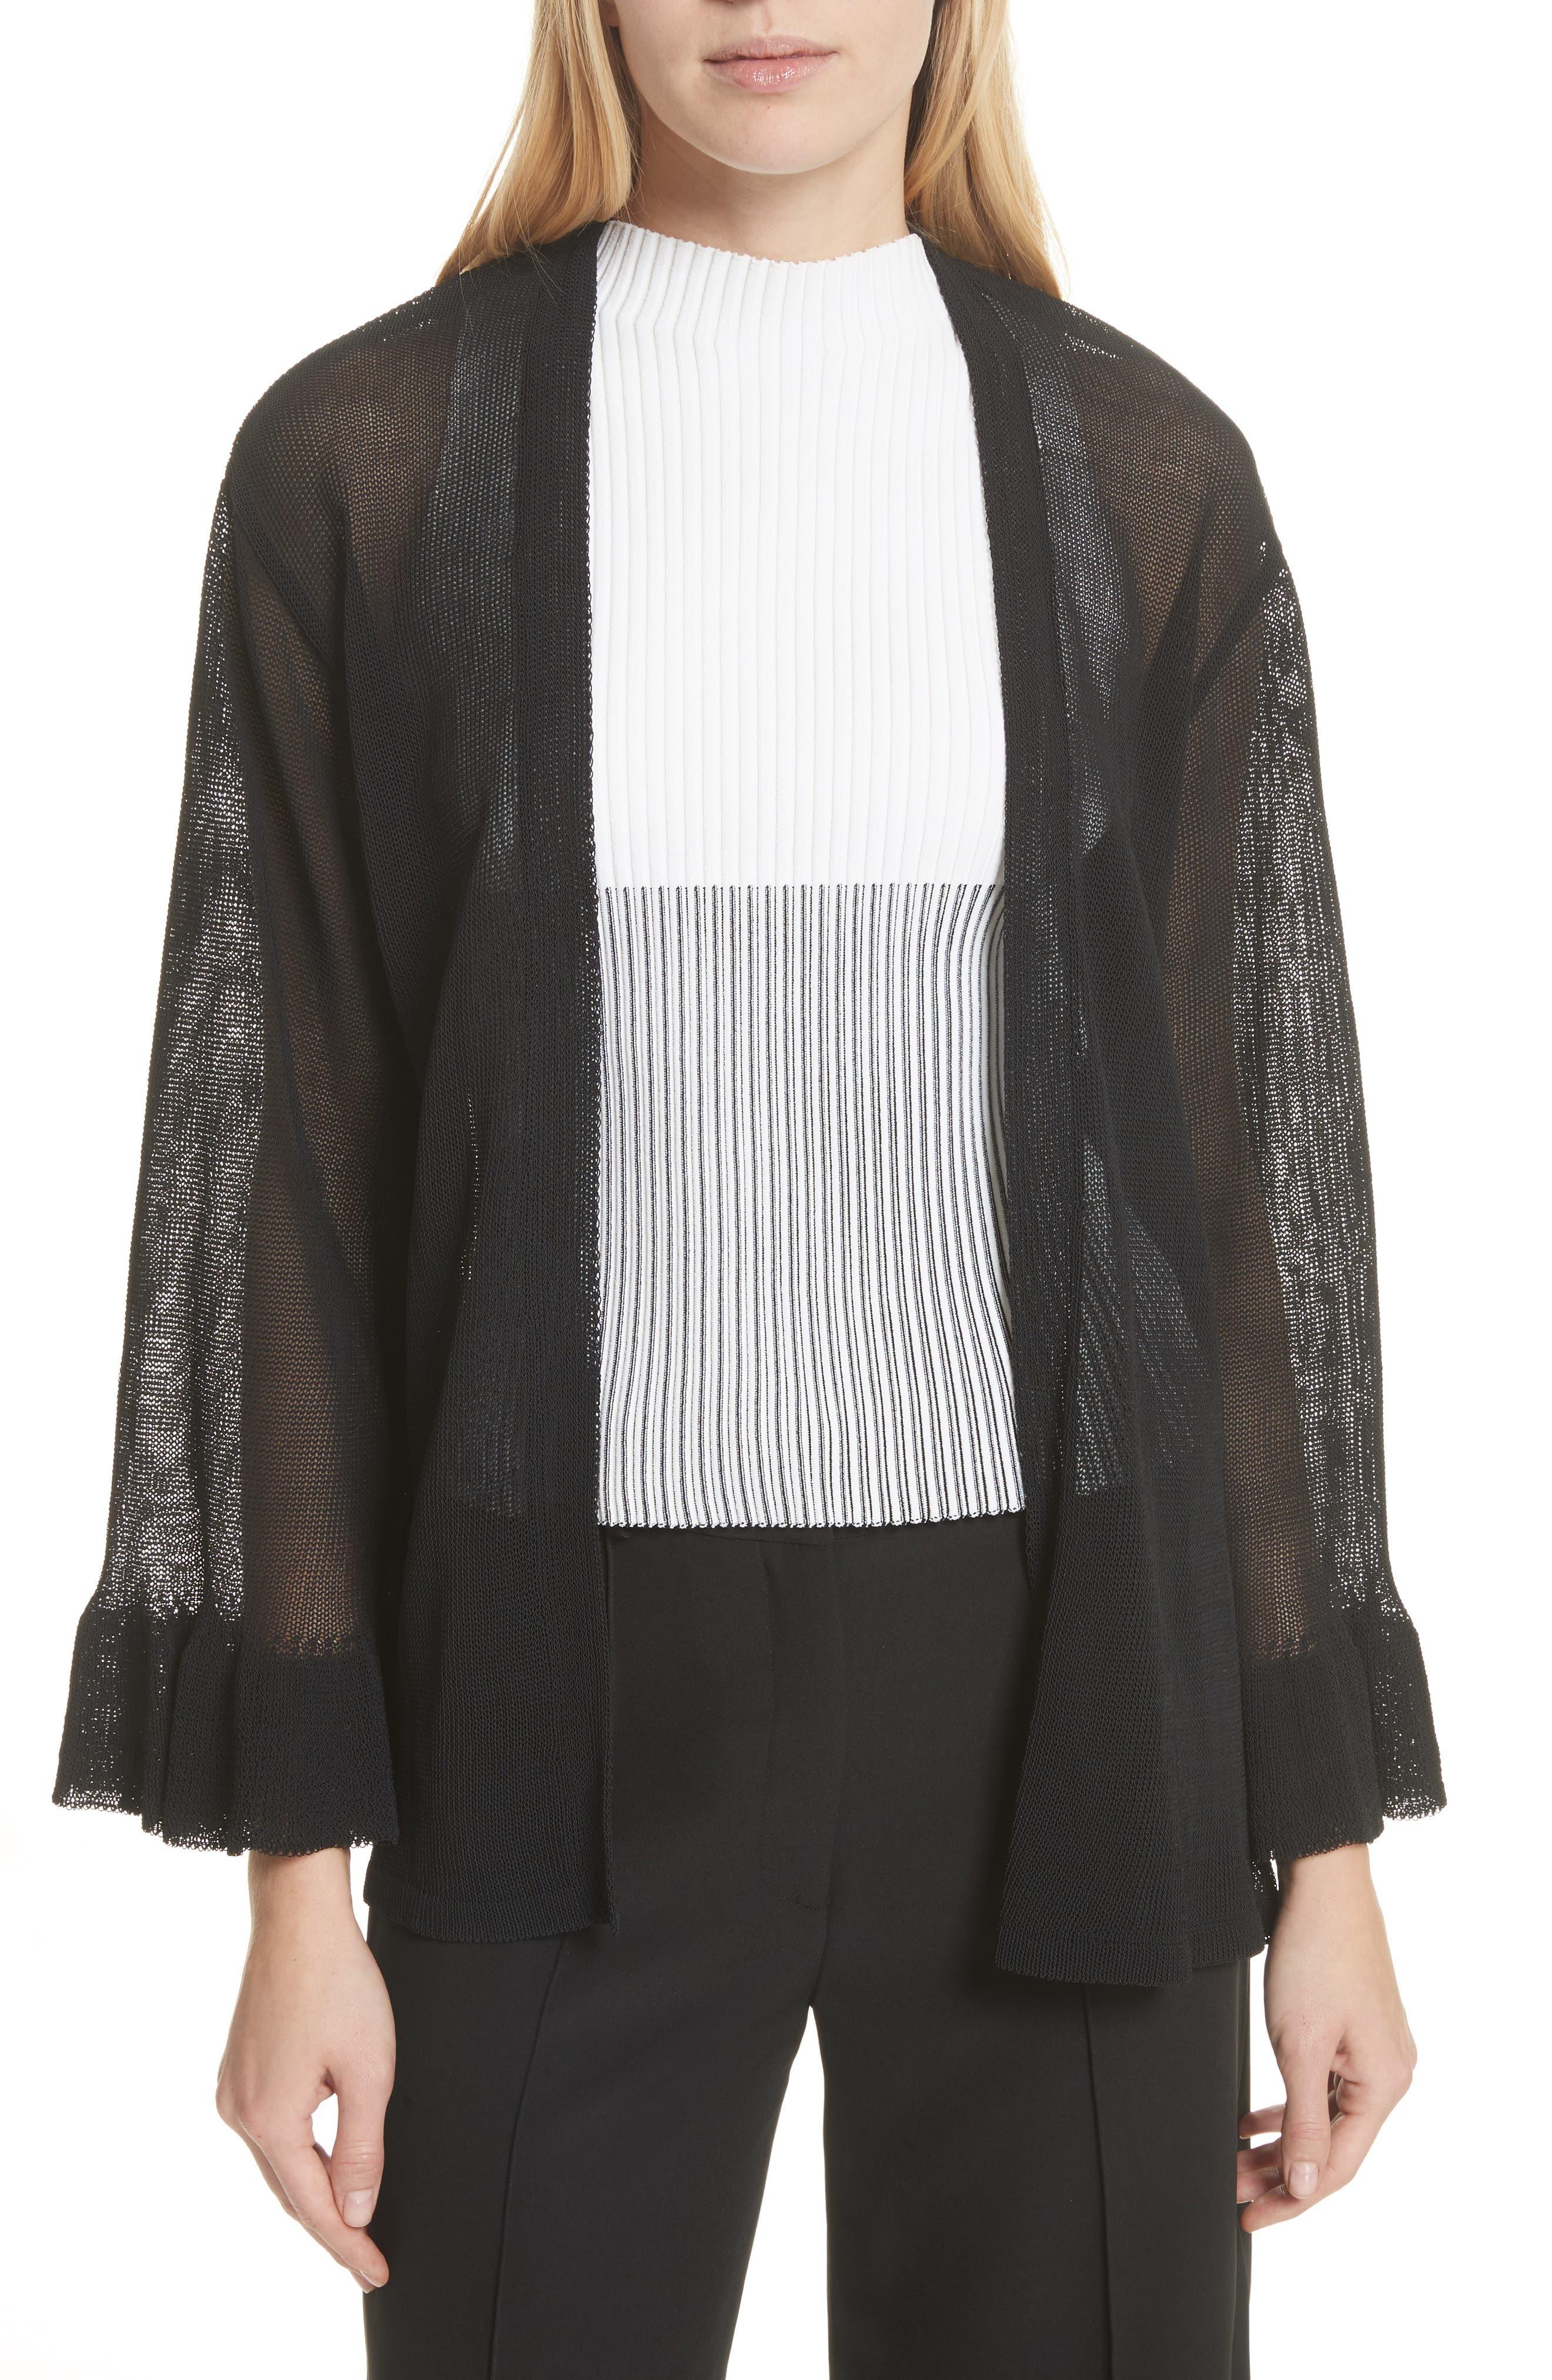 Ruffle Sleeve Italian Mesh Cardigan,                         Main,                         color, Black